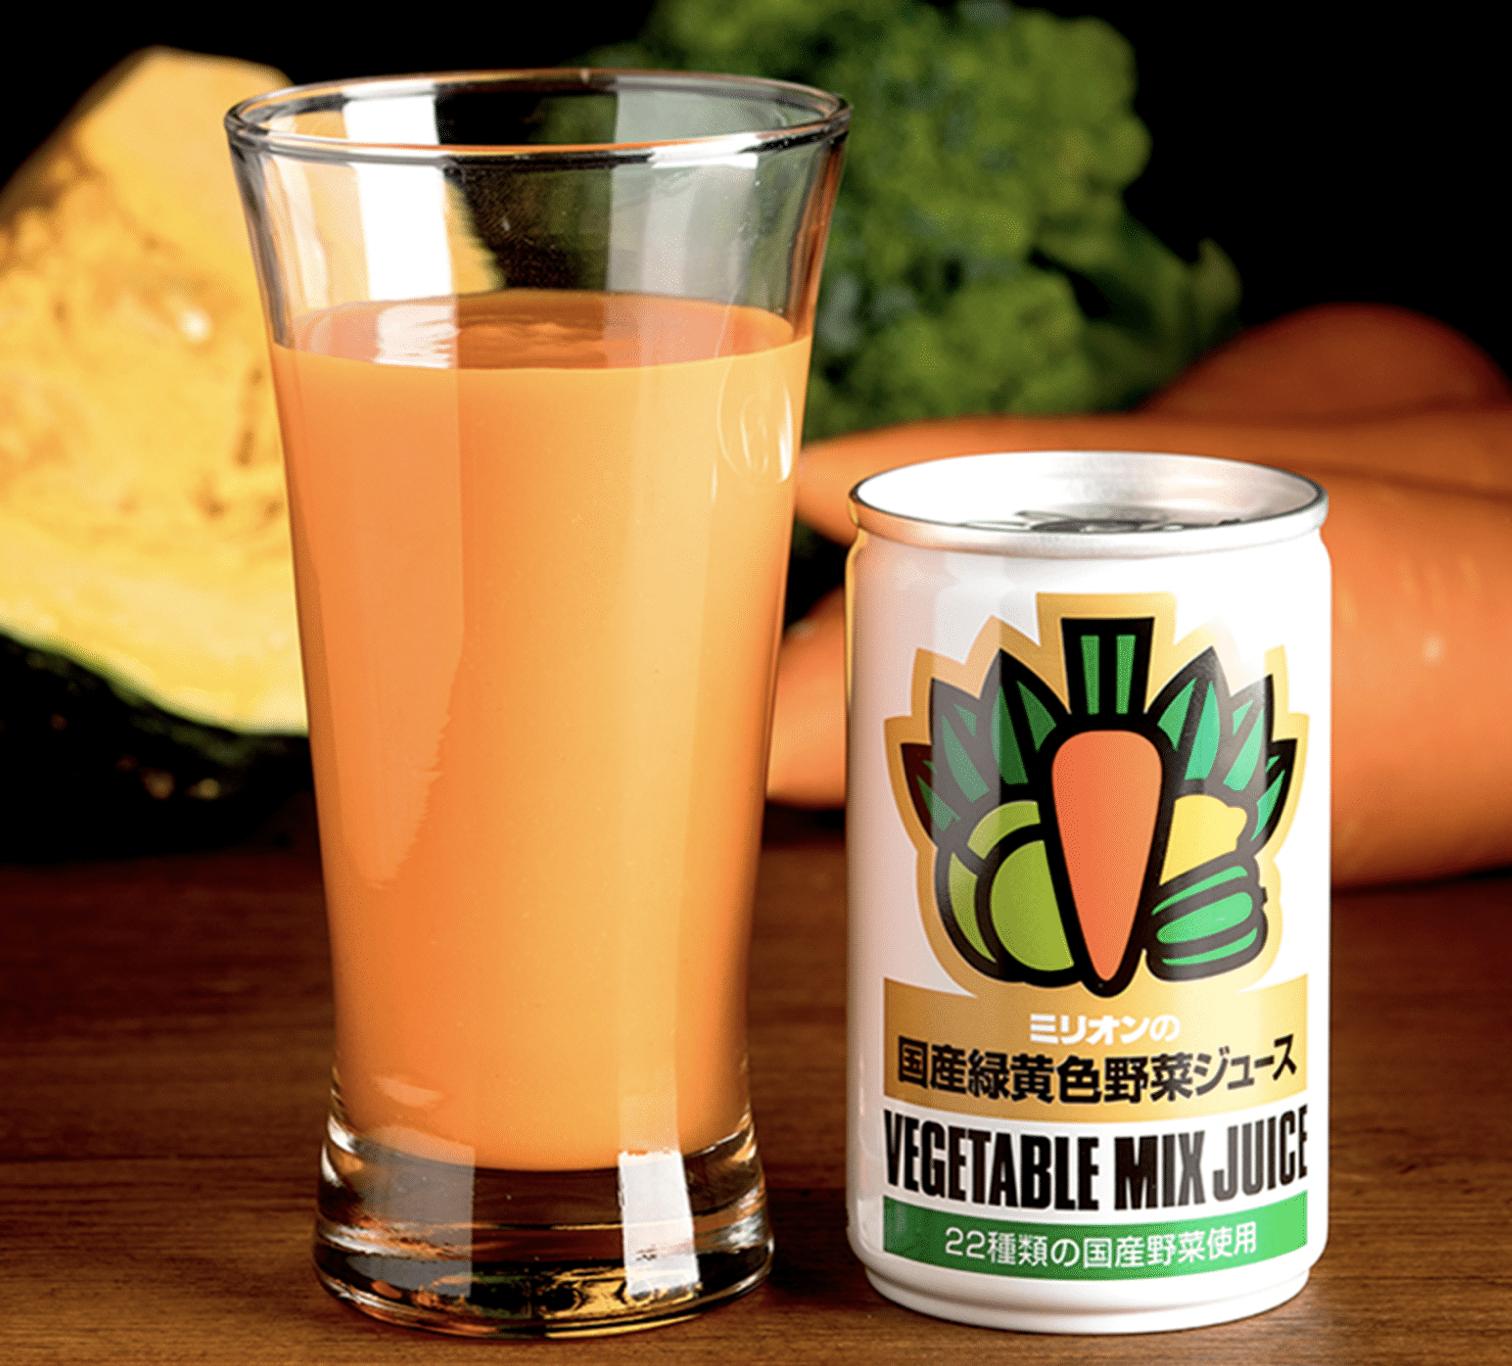 除菌スプレー&マスク付き濃厚野菜ジュースで免疫力アップ!緊急事態の今備蓄しよう